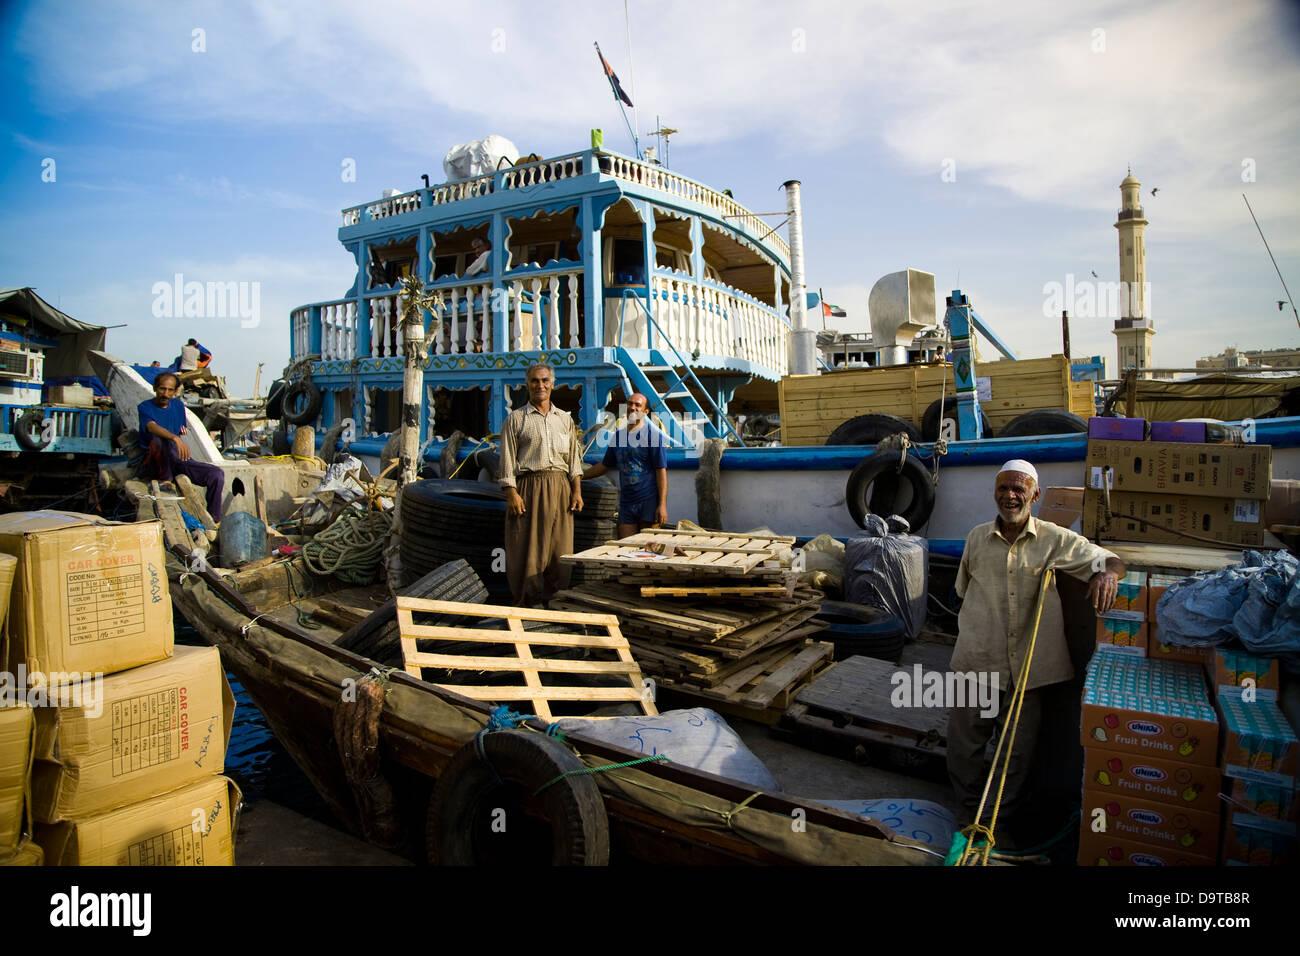 El dhow muelles, en el lado de Diera de Dubai Creek, forrado con embarcaciones de carga y descarga de mercancías Foto de stock